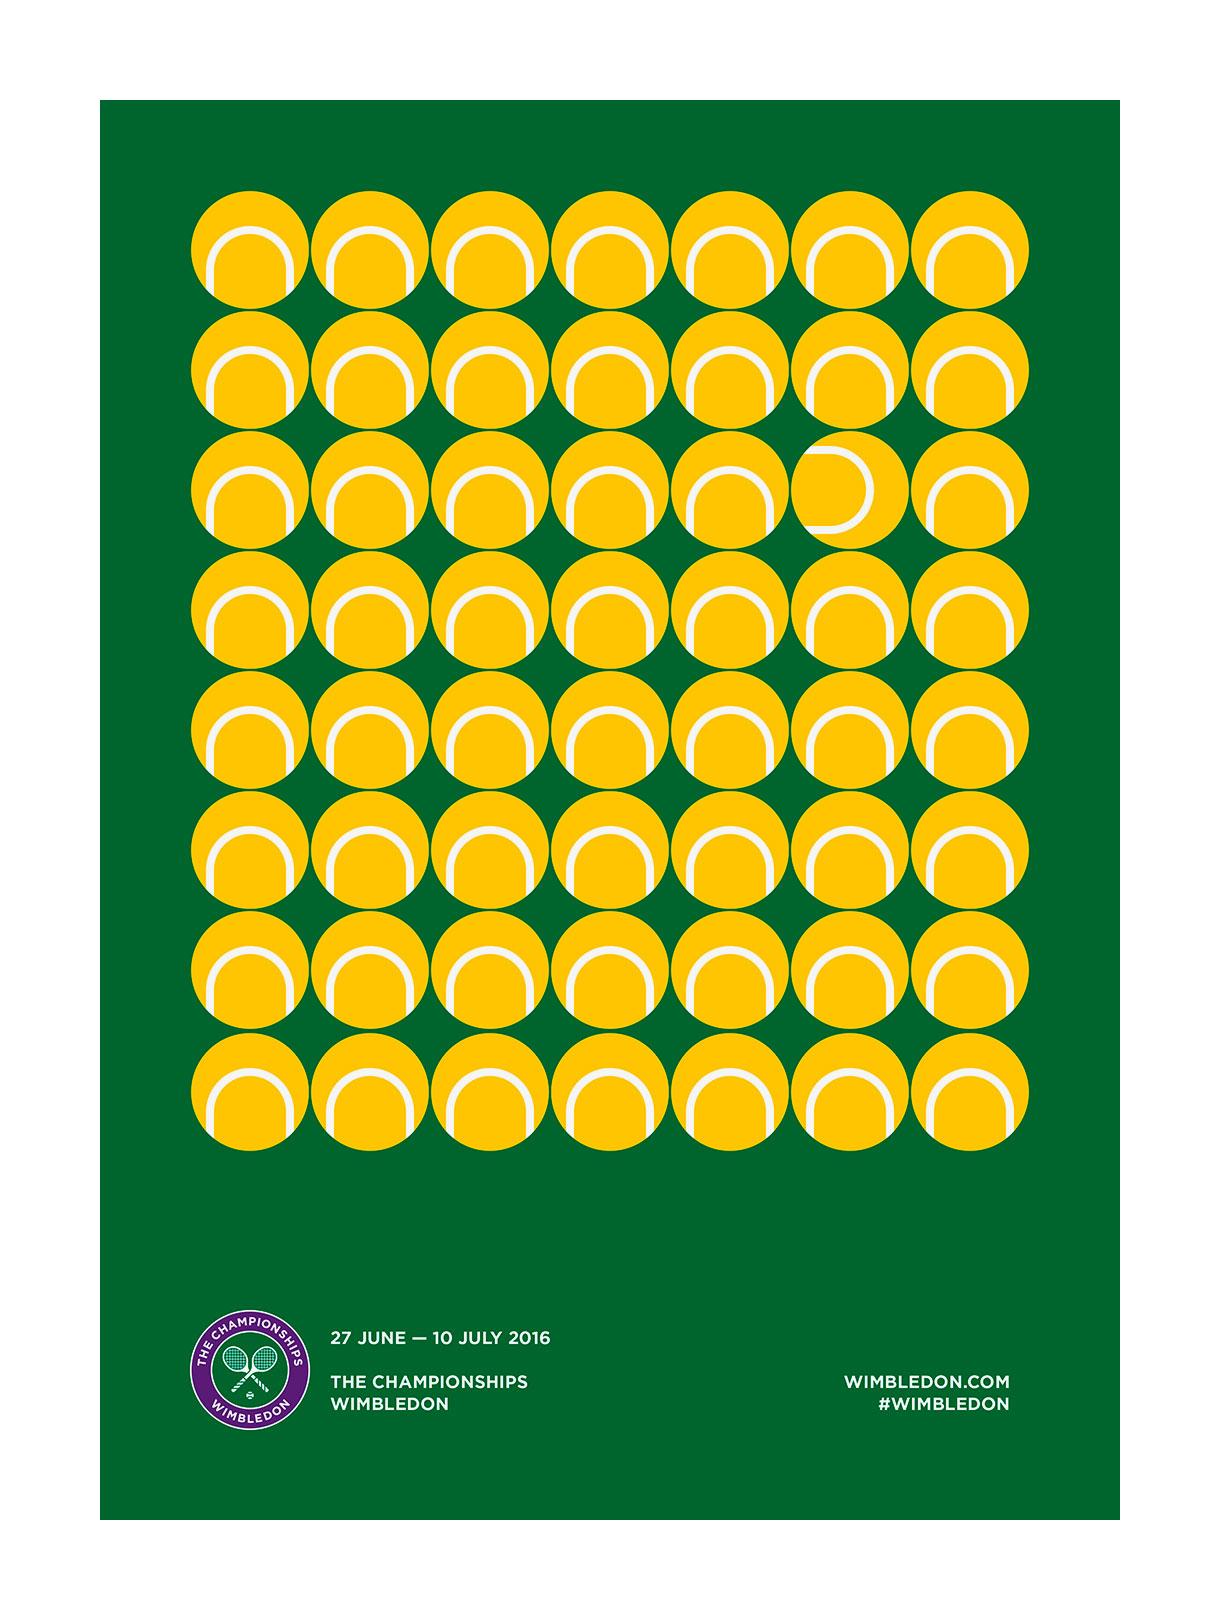 Wimbledon-4